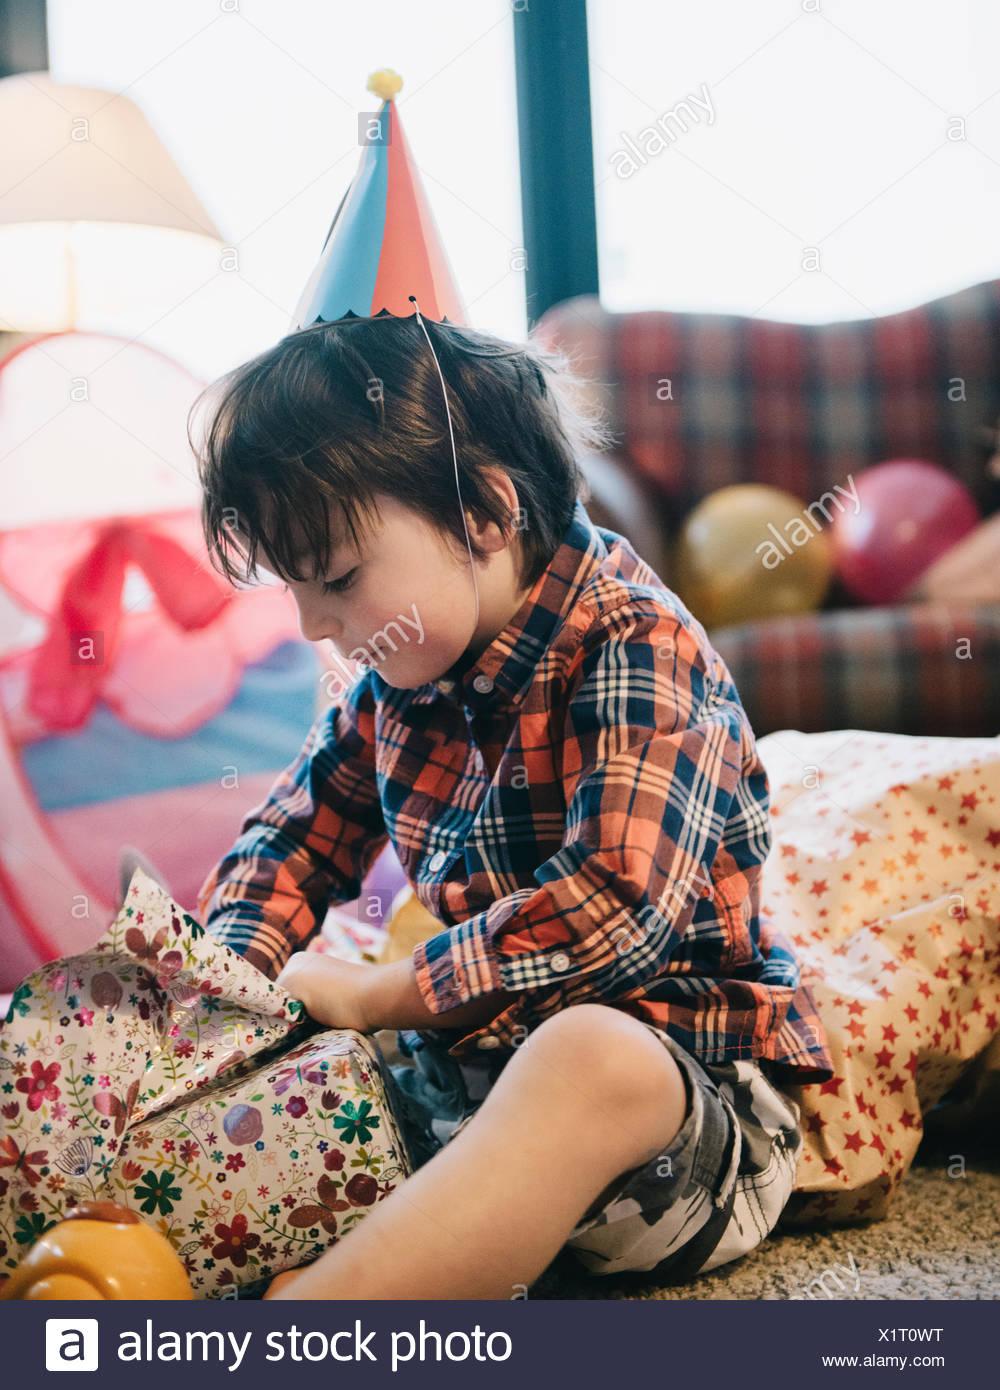 Un niño desenvolver sus regalos en su fiesta de cumpleaños. Imagen De Stock